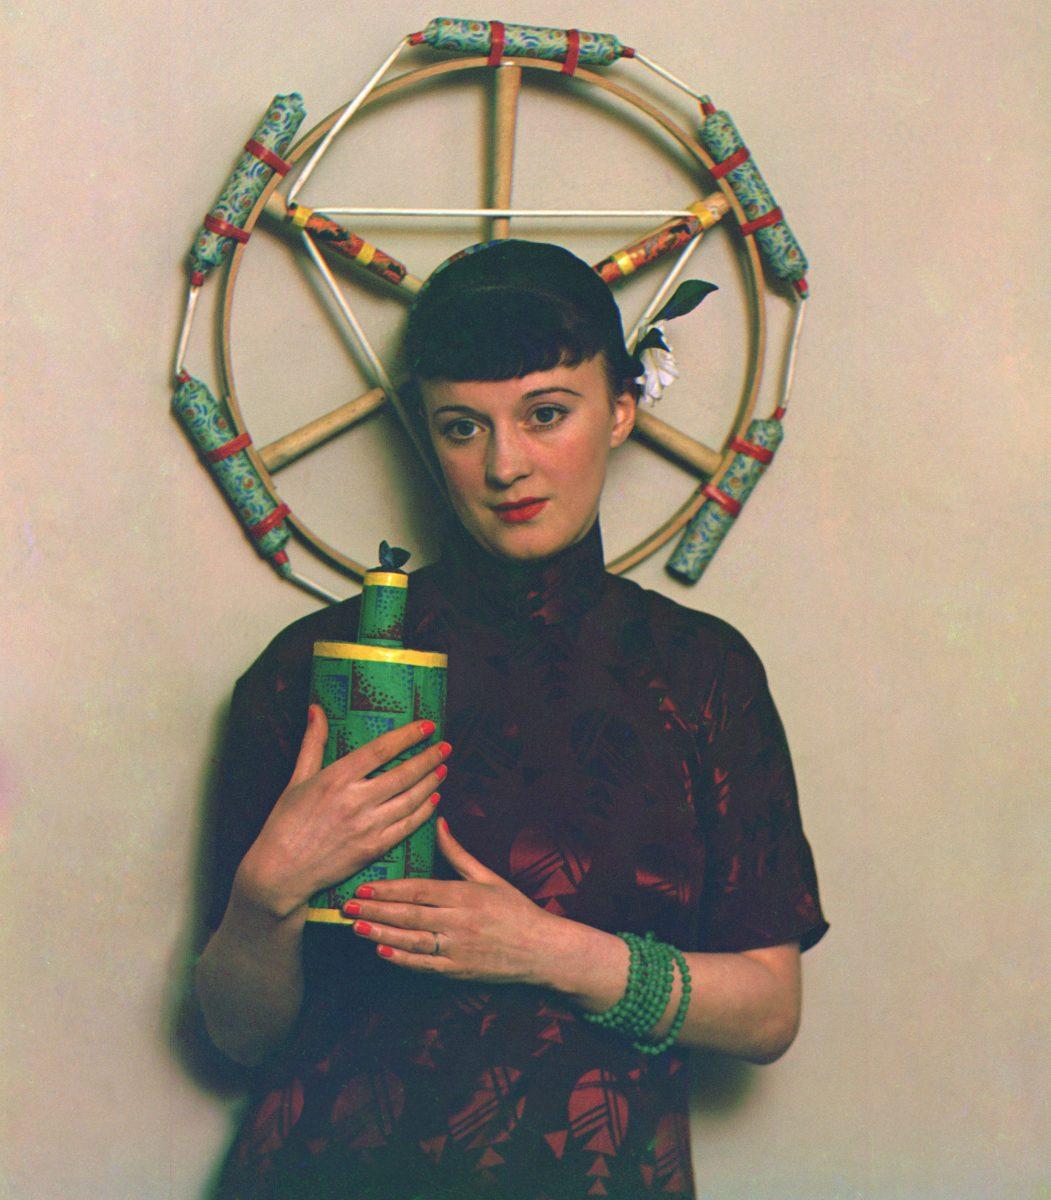 Farbporträt von Curtis Moffat, Greta Wyndham mit Feuerwerk und Catherine Wheel, Ca. 1933-35